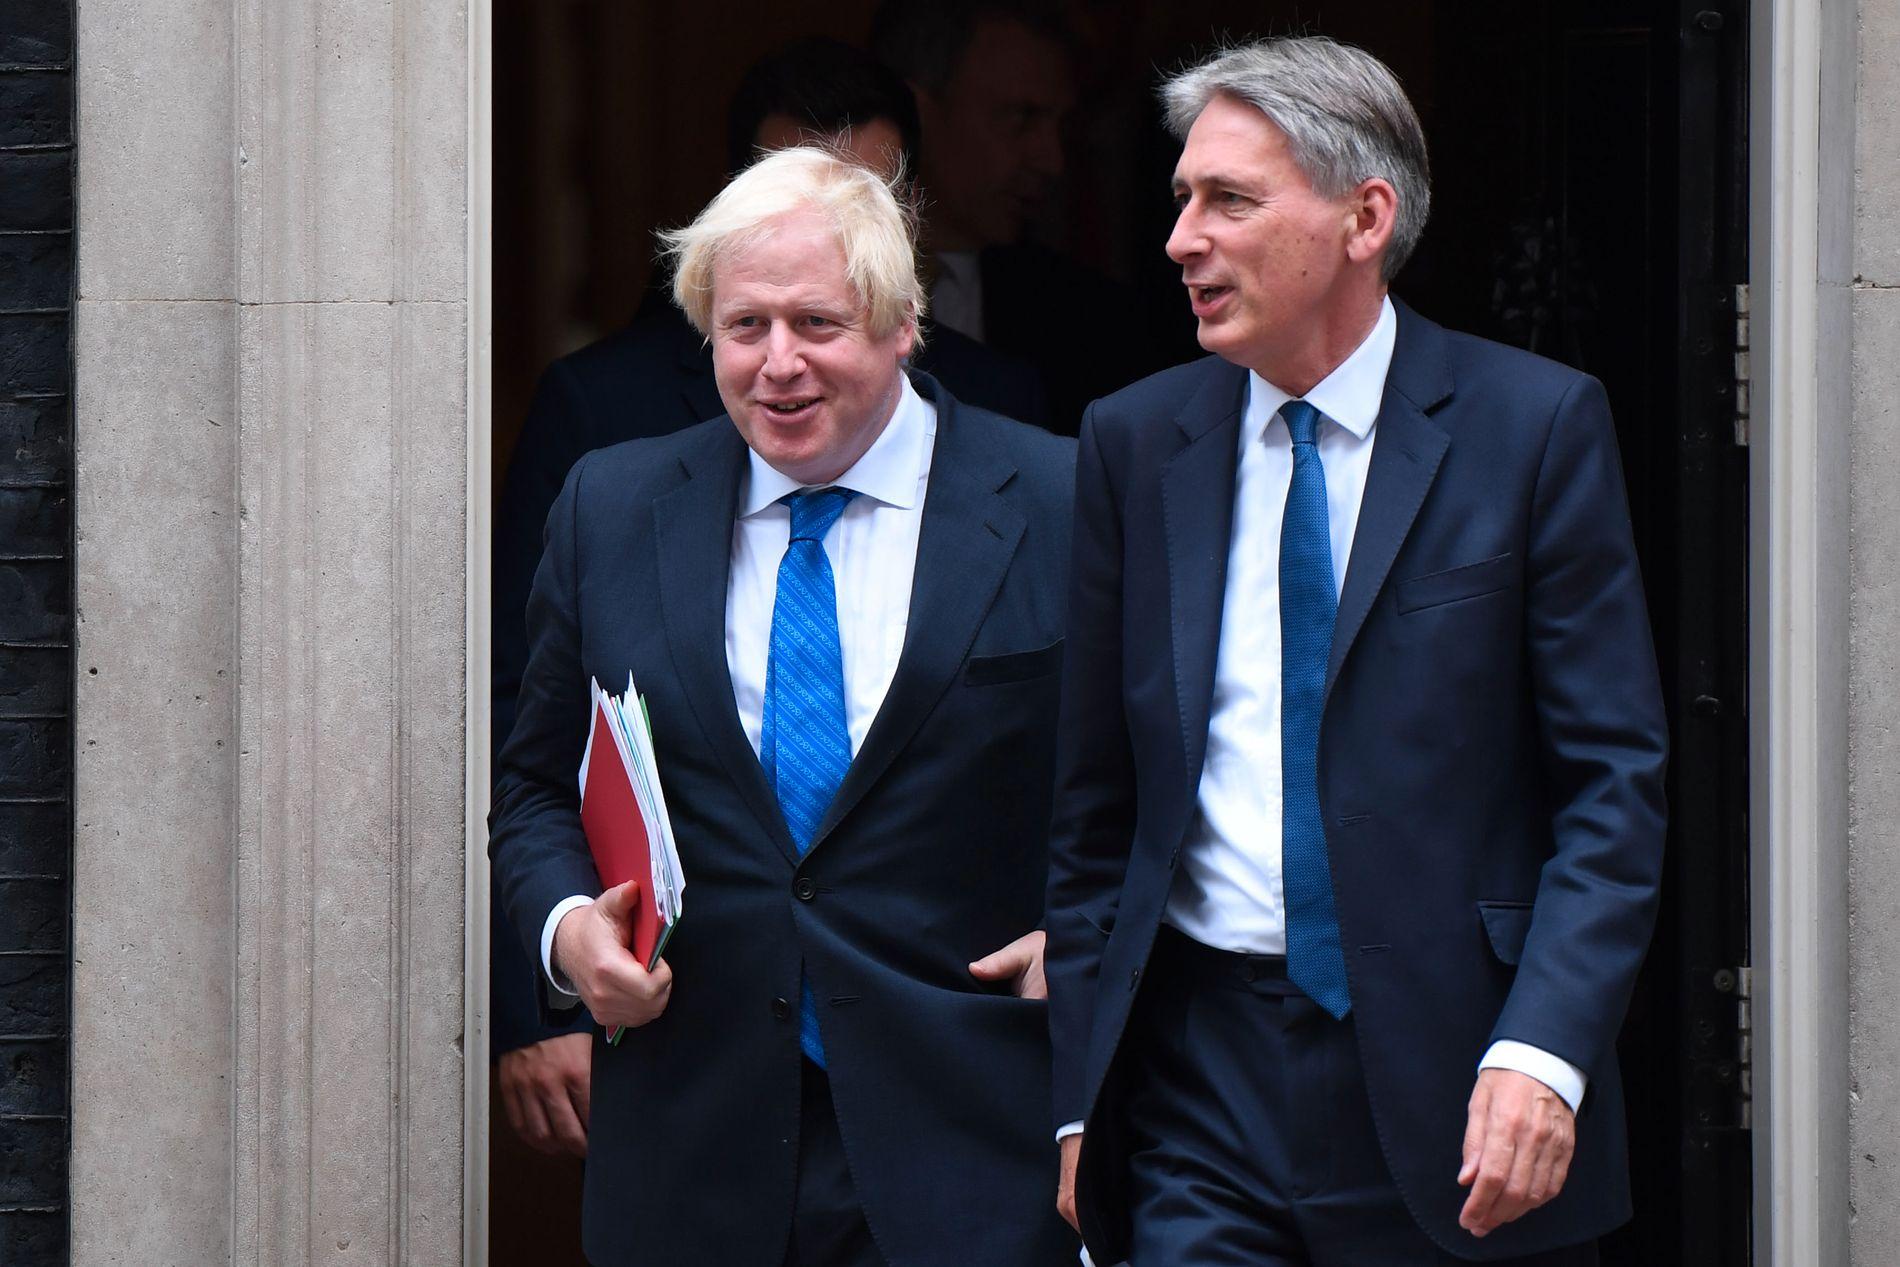 BEDRE TIDER: Stemningen var god da dette bildet ble tatt i september 2017. Nå er ikke Boris Johnson og finansminister Philip Hammond (t.h.) så gode venner lengre.